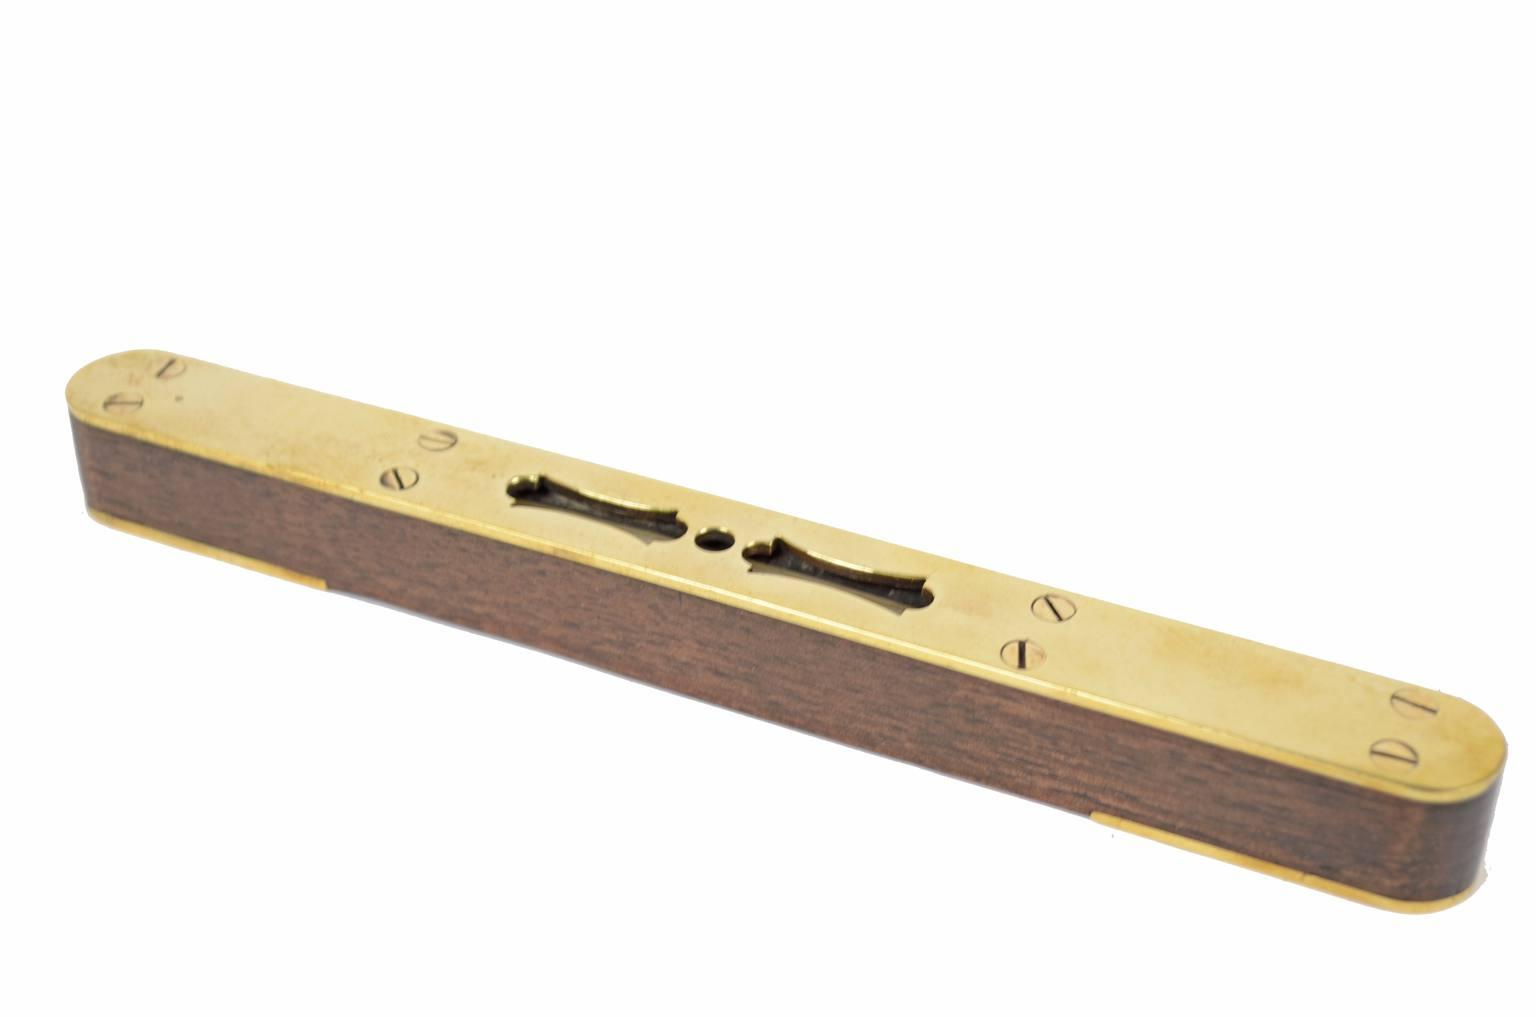 Strumenti di misura antichi/6342-Livella ad acqua